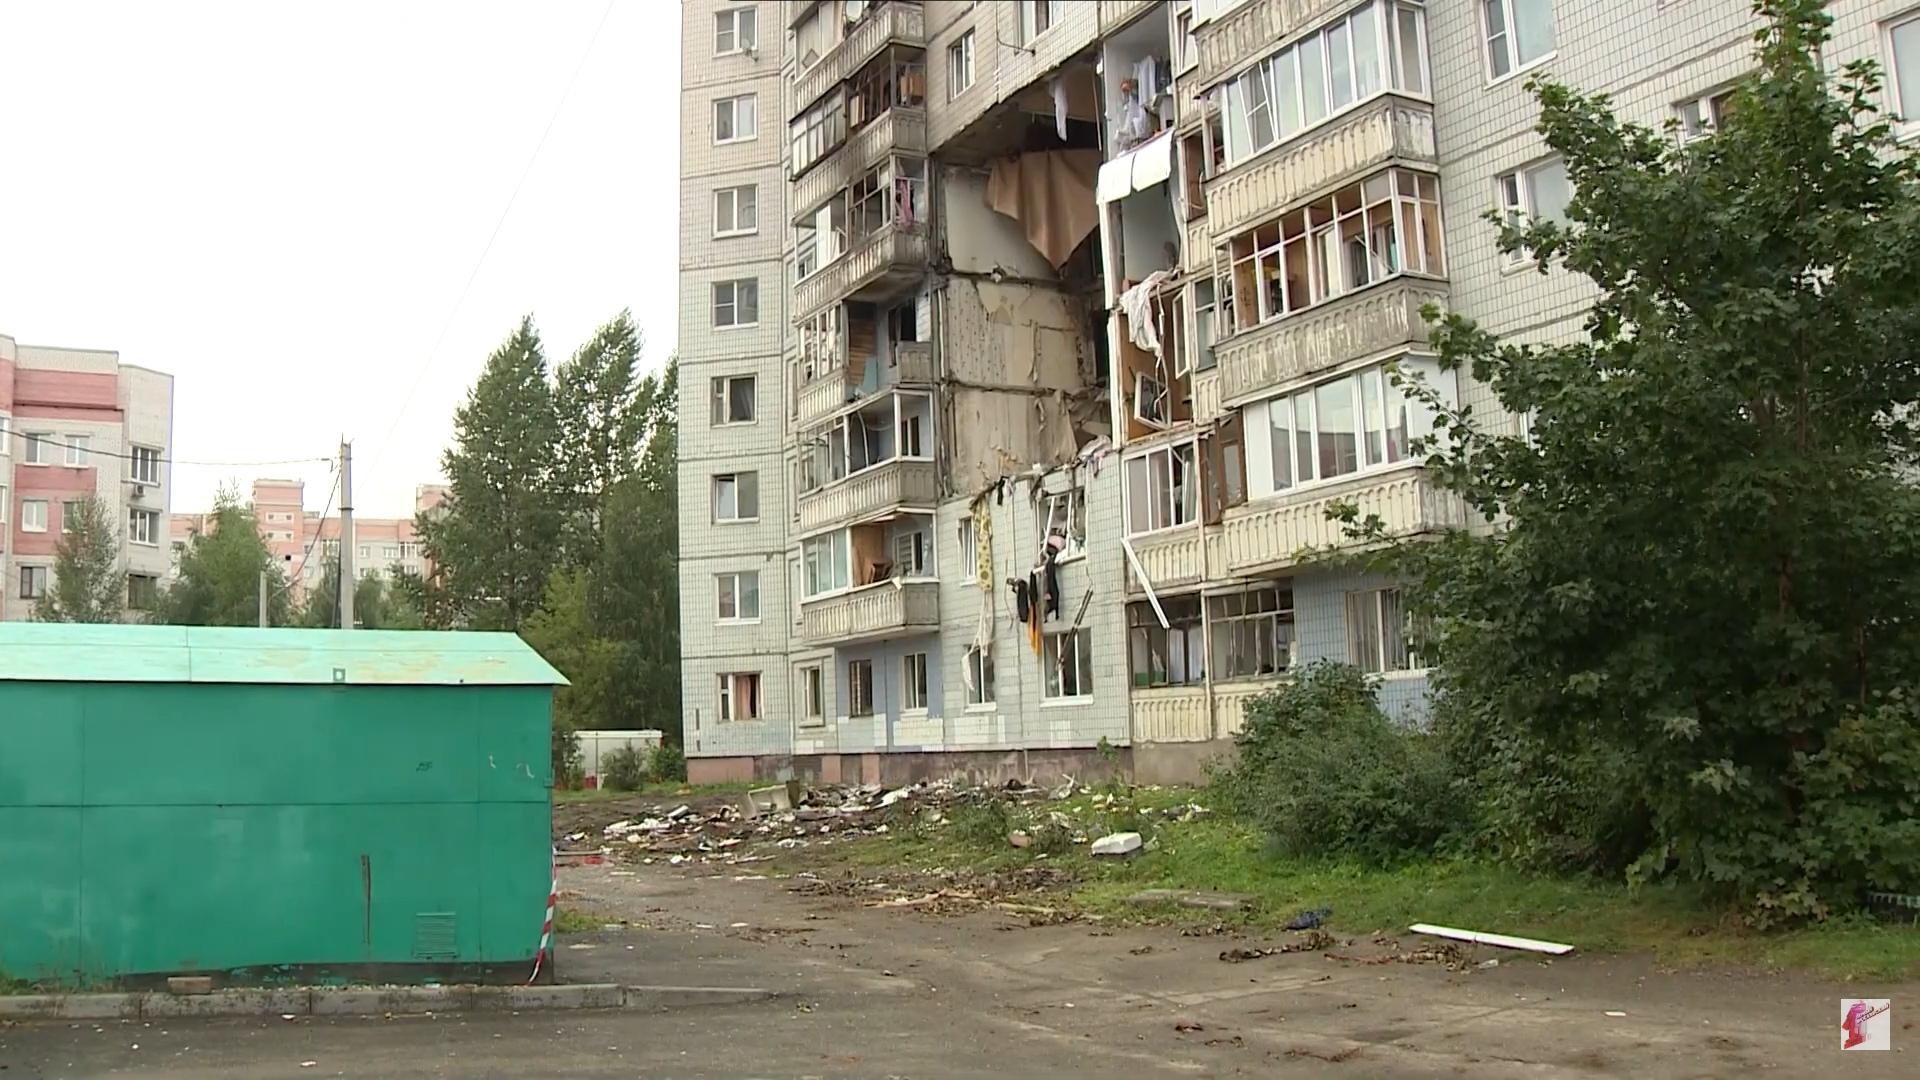 Пострадавшим жильцам дома на улице Батова в Ярославле компенсируют стоимость аренды квартир